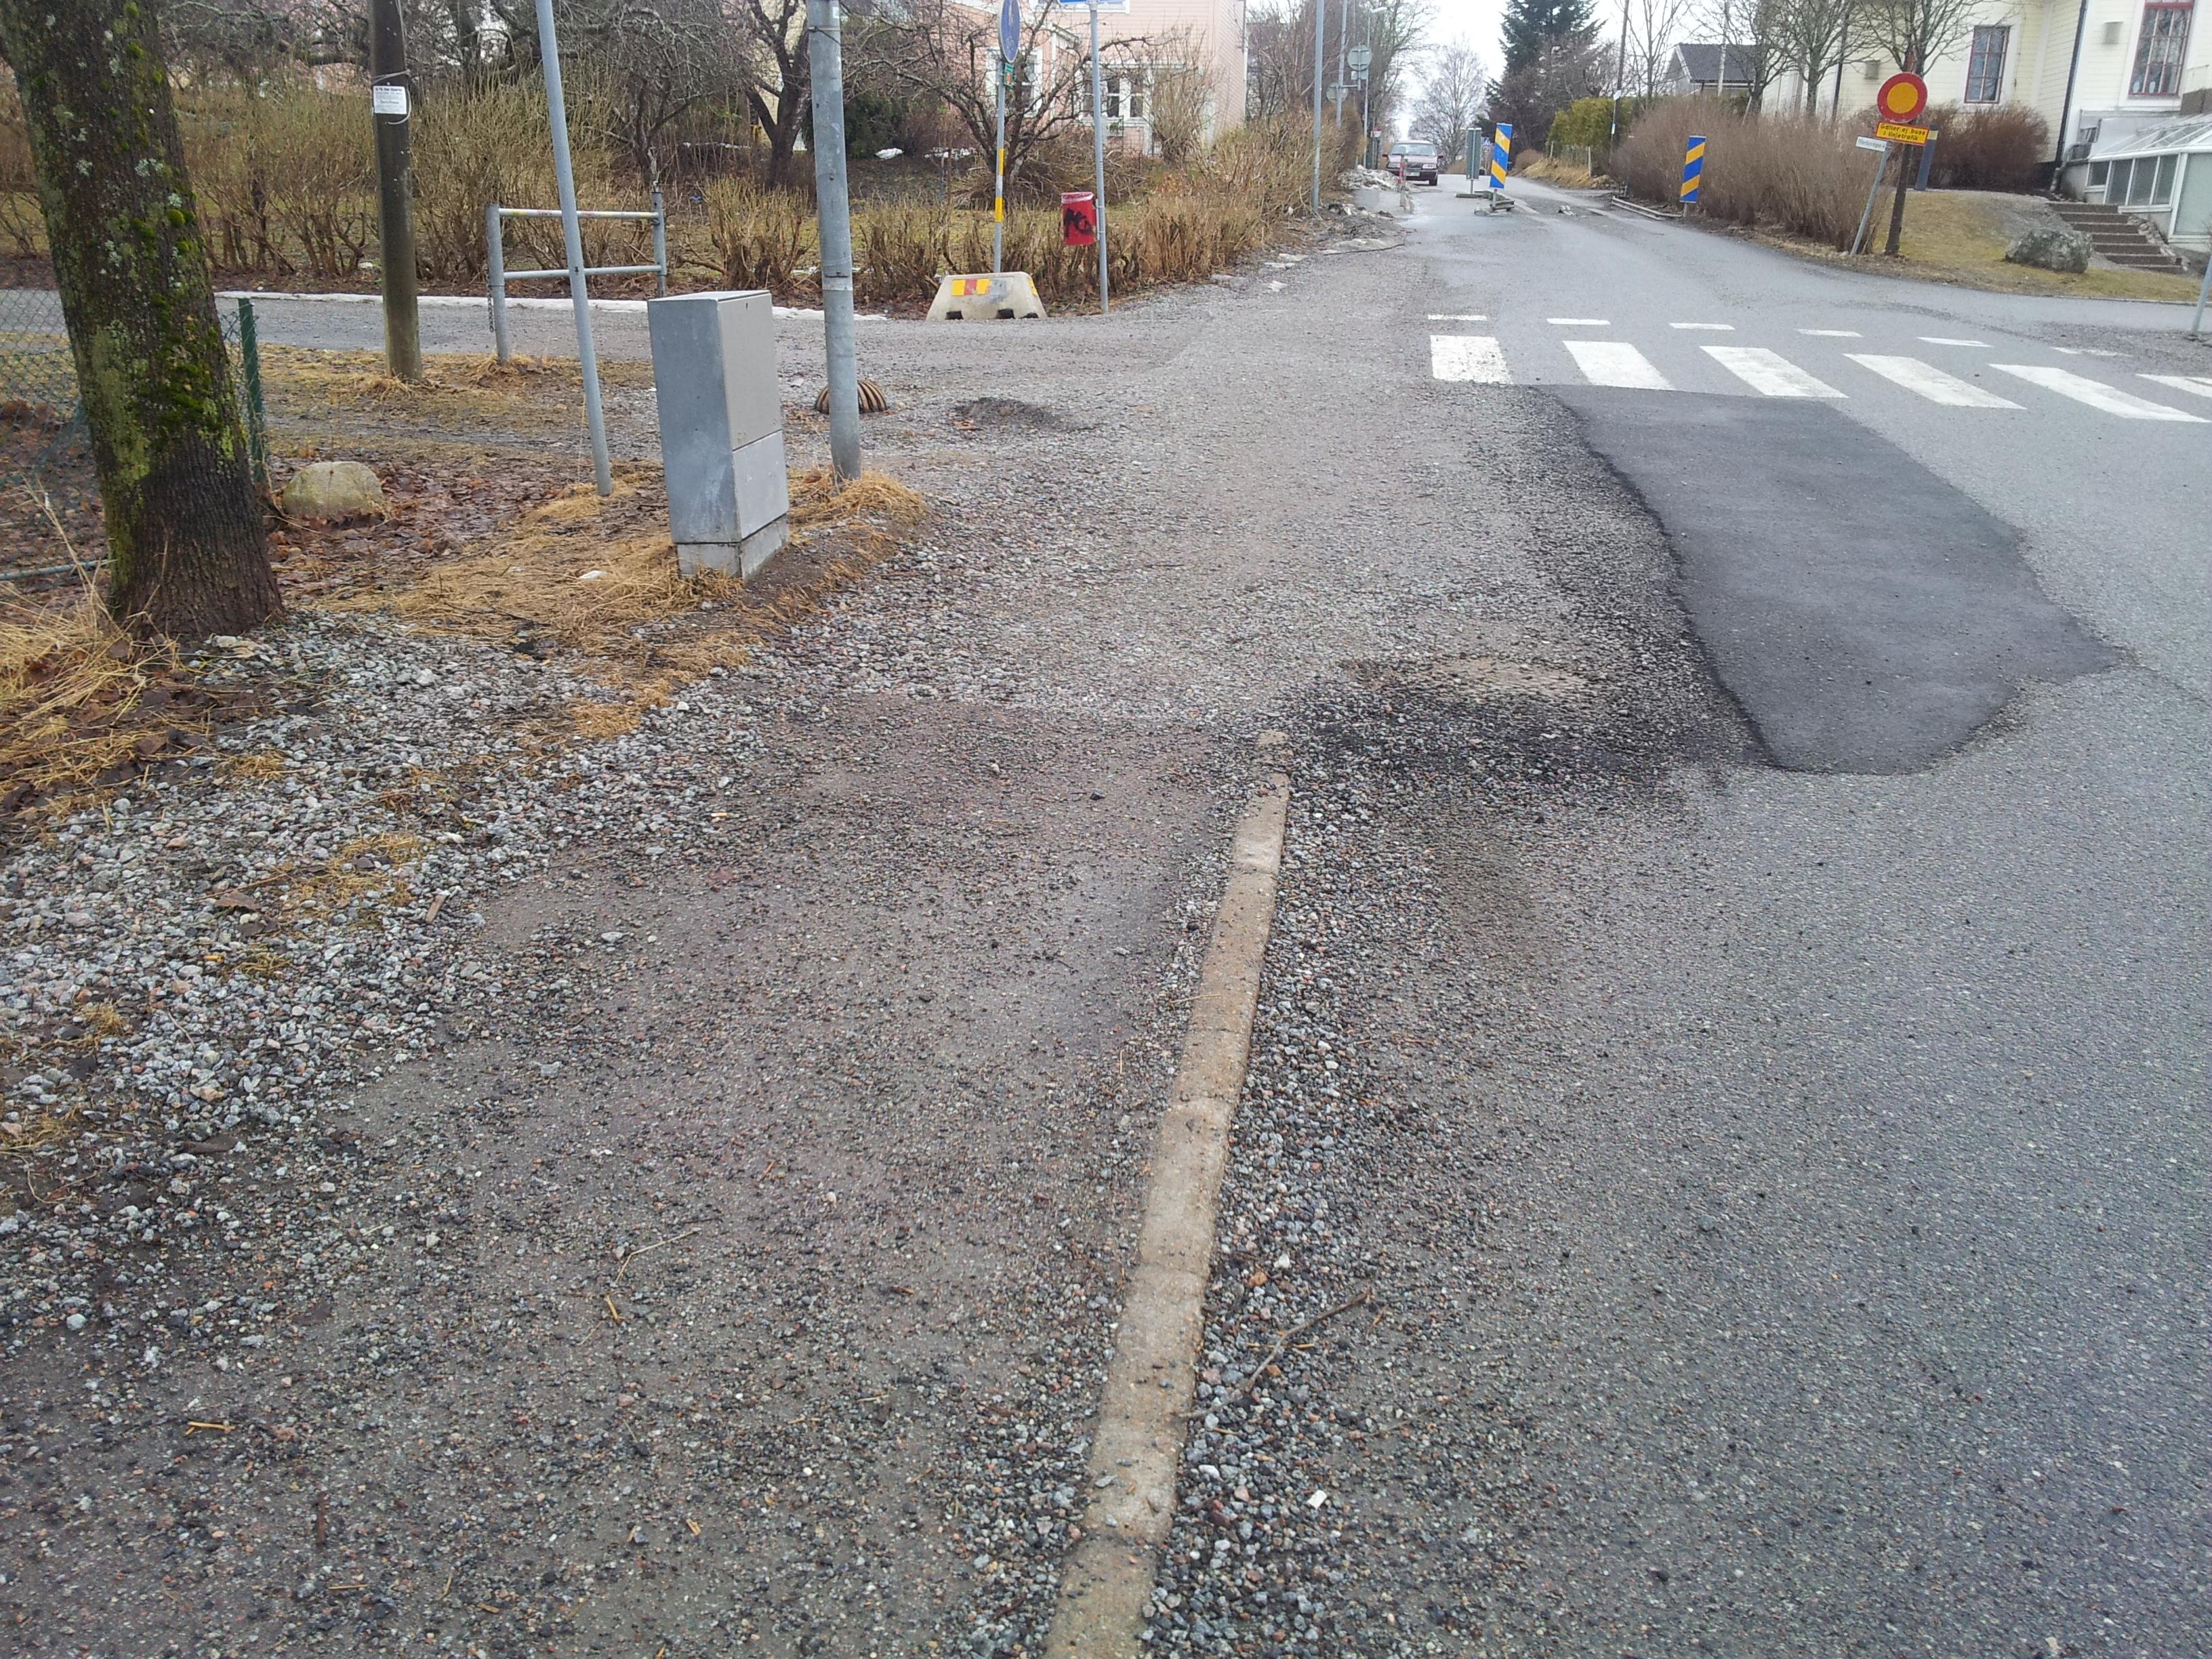 Är det en trottoar eller terrängbana? Foto: Johnny Rönnberg.